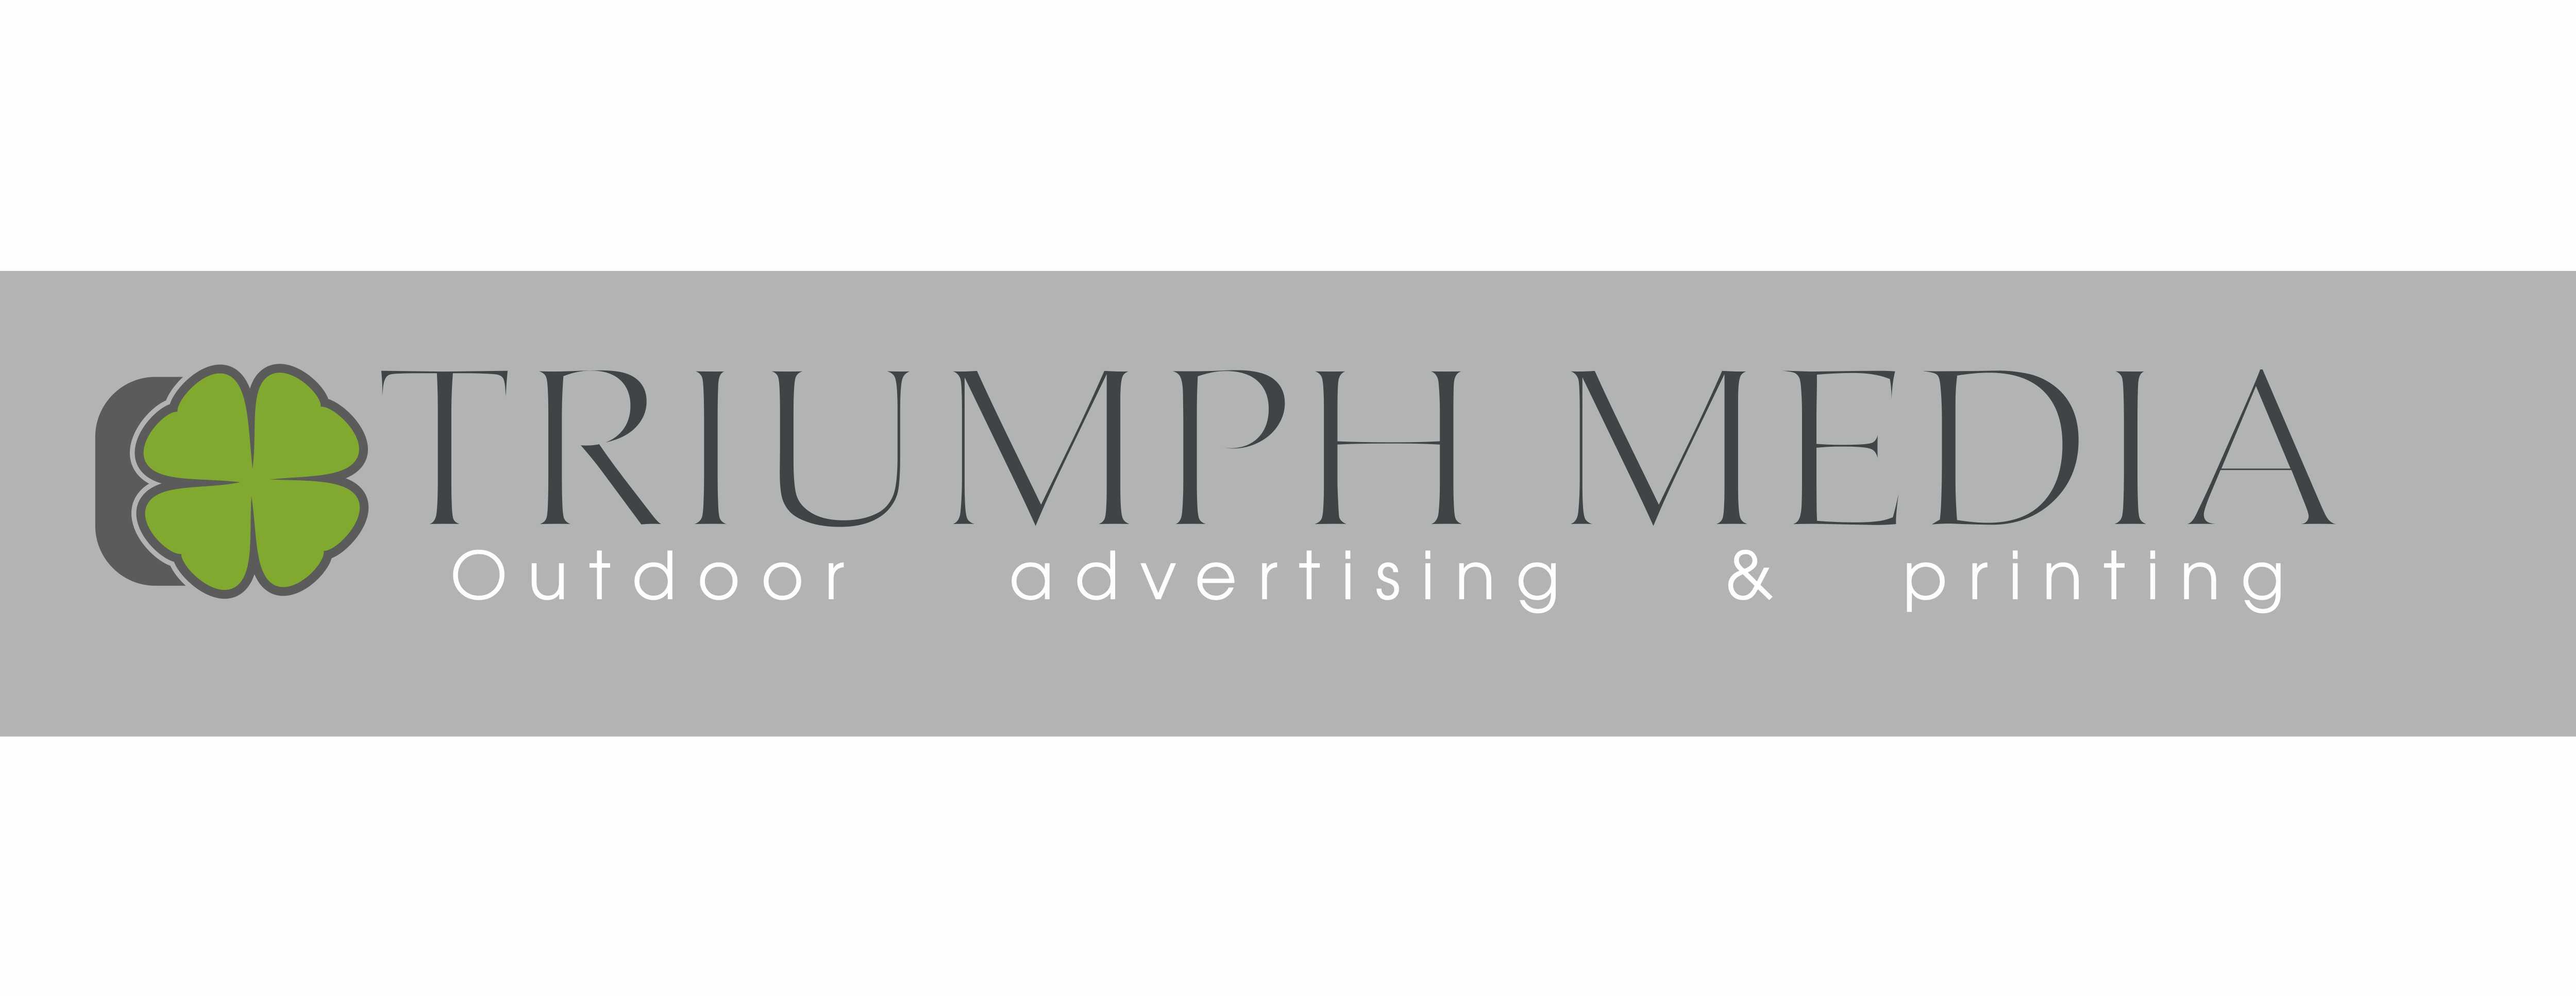 Разработка логотипа  TRIUMPH MEDIA с изображением клевера фото f_507091a0c1fb3.jpg